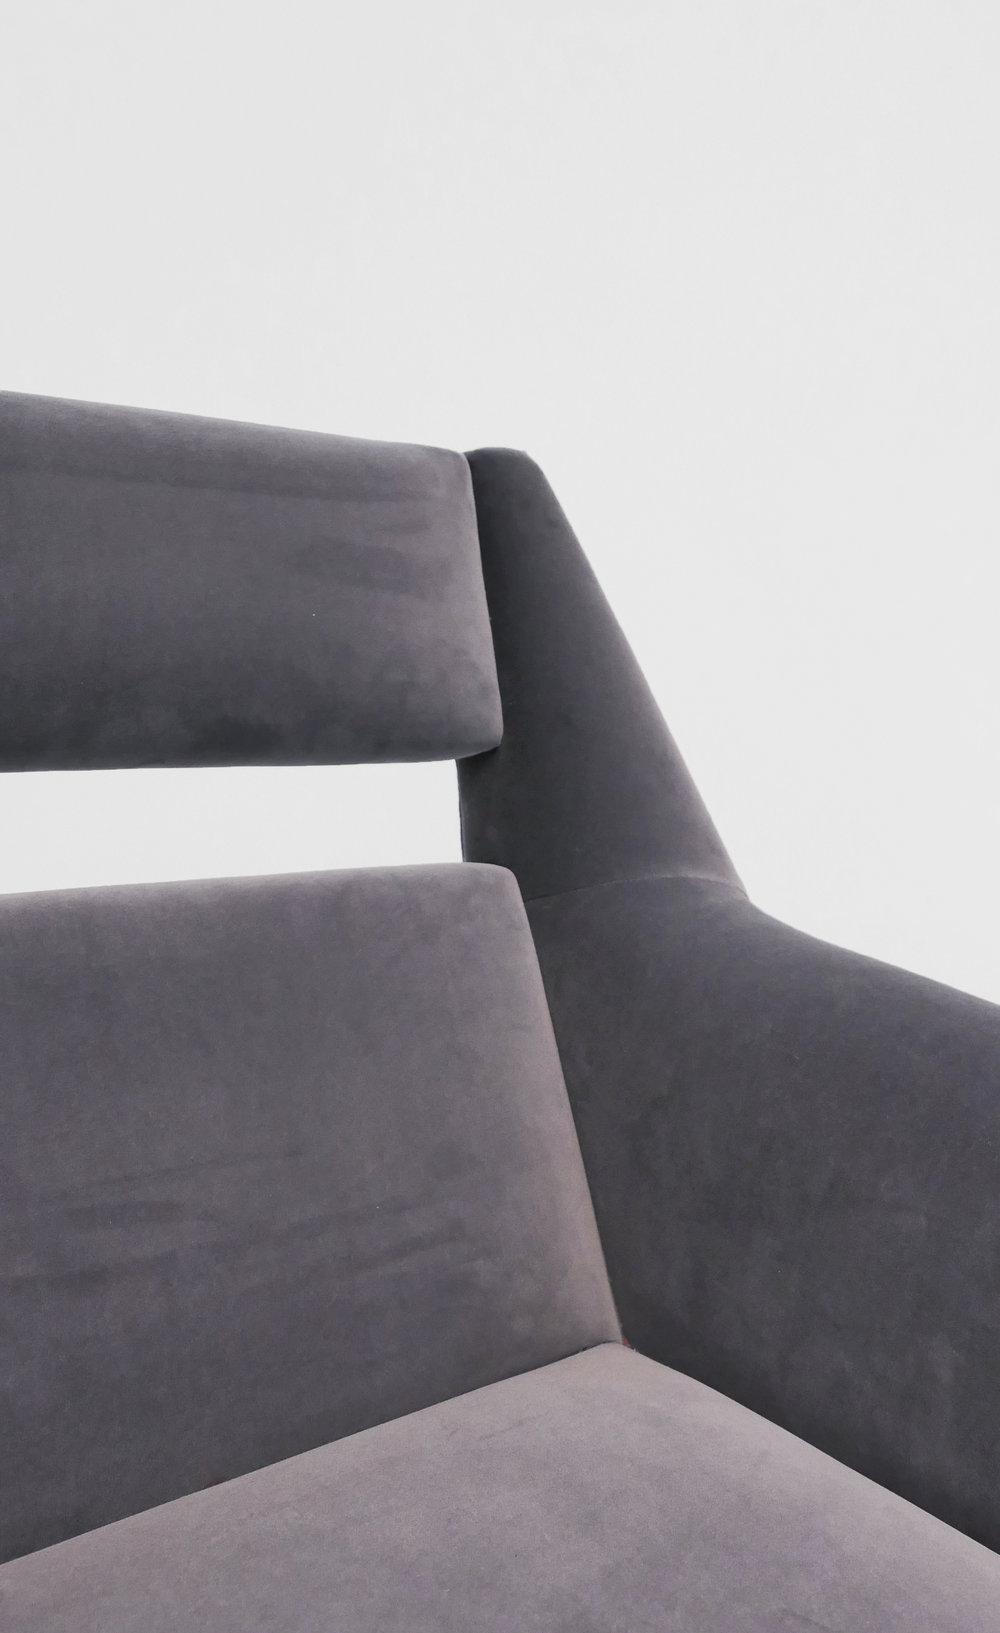 Gigi Radice Velvet Chairs for Minotti, c. 1950 - 1959, Dedar Milano Velvet, Brass, 31 H x 28 W x 29 D inches_4.jpg